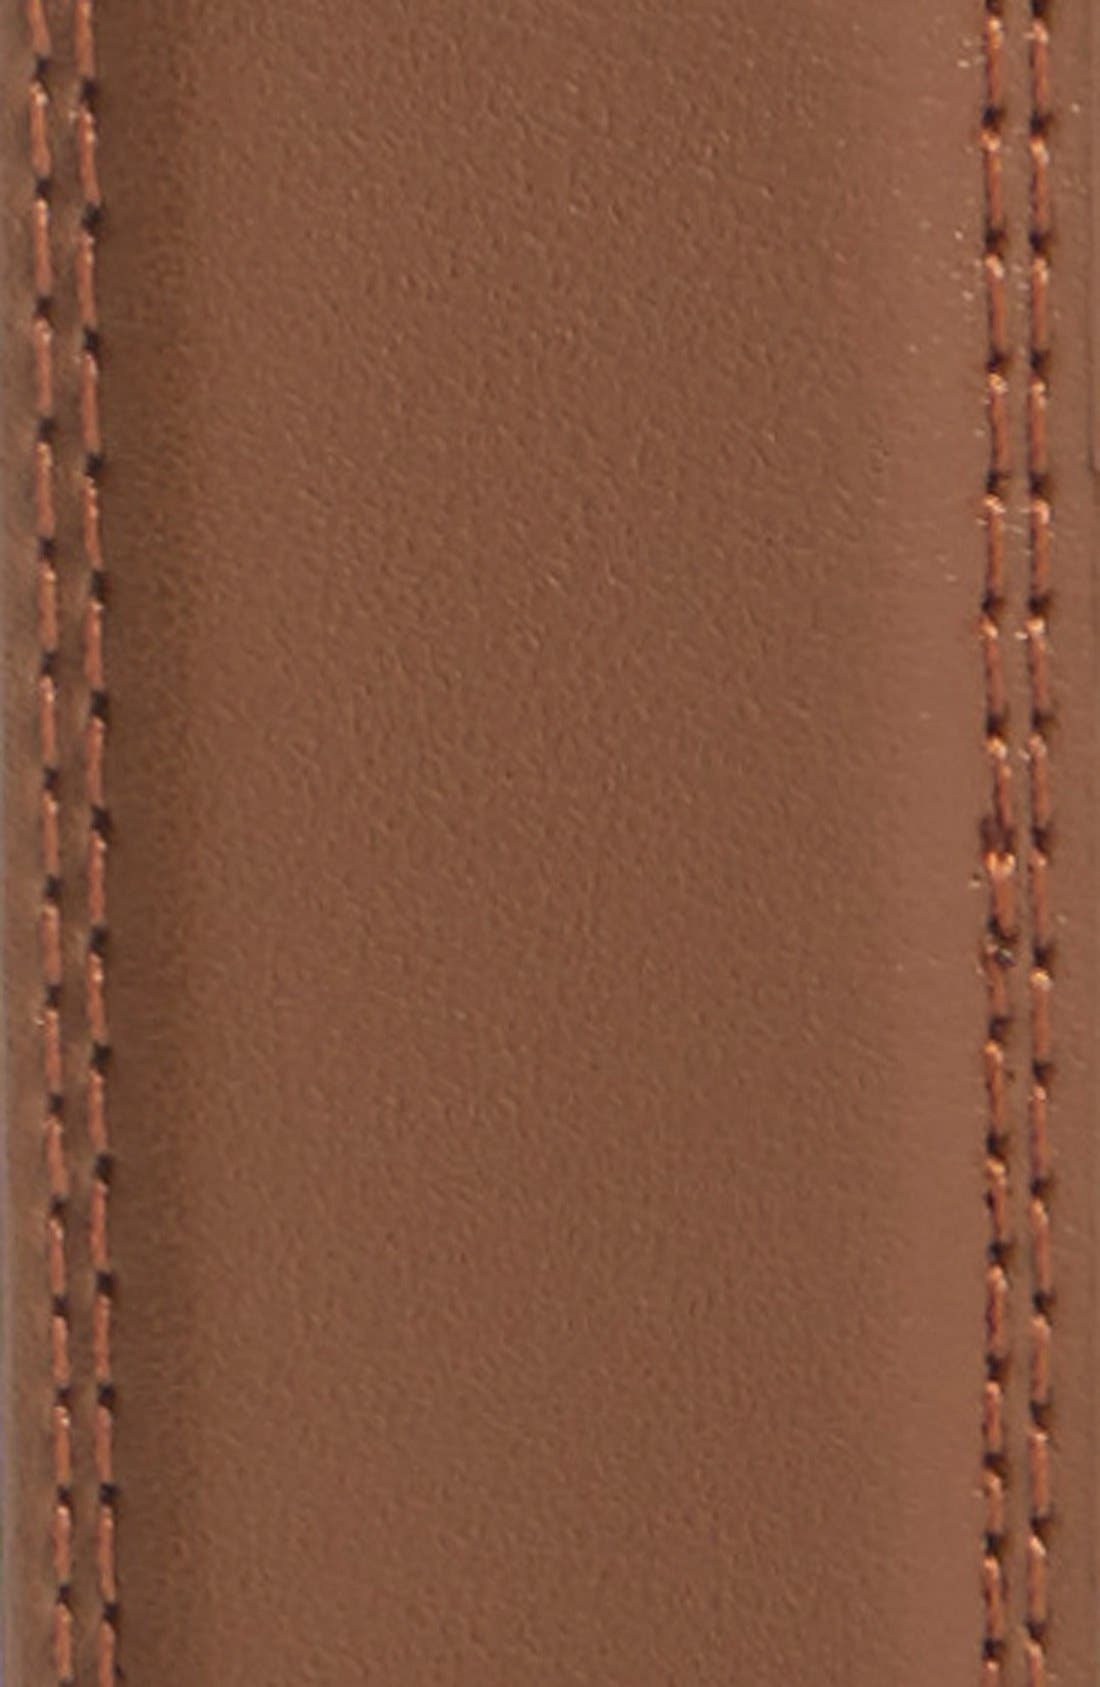 Alternate Image 2  - Mission Belt 'Cocoa' Leather Belt